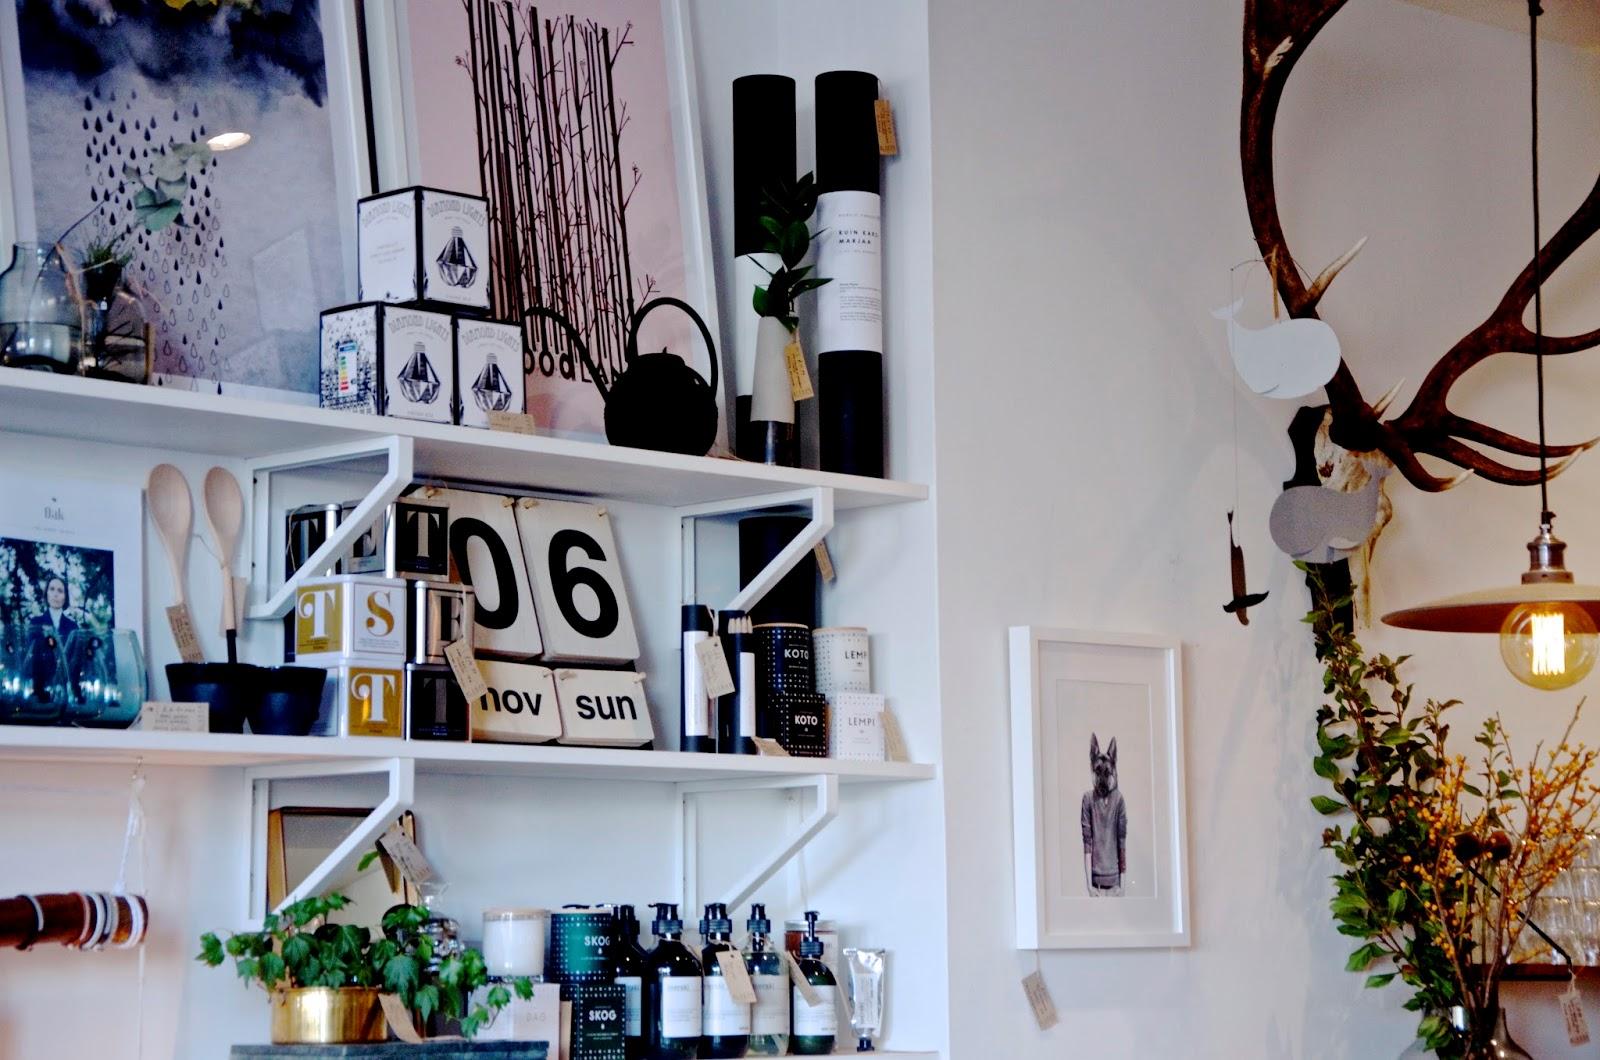 Nordic store